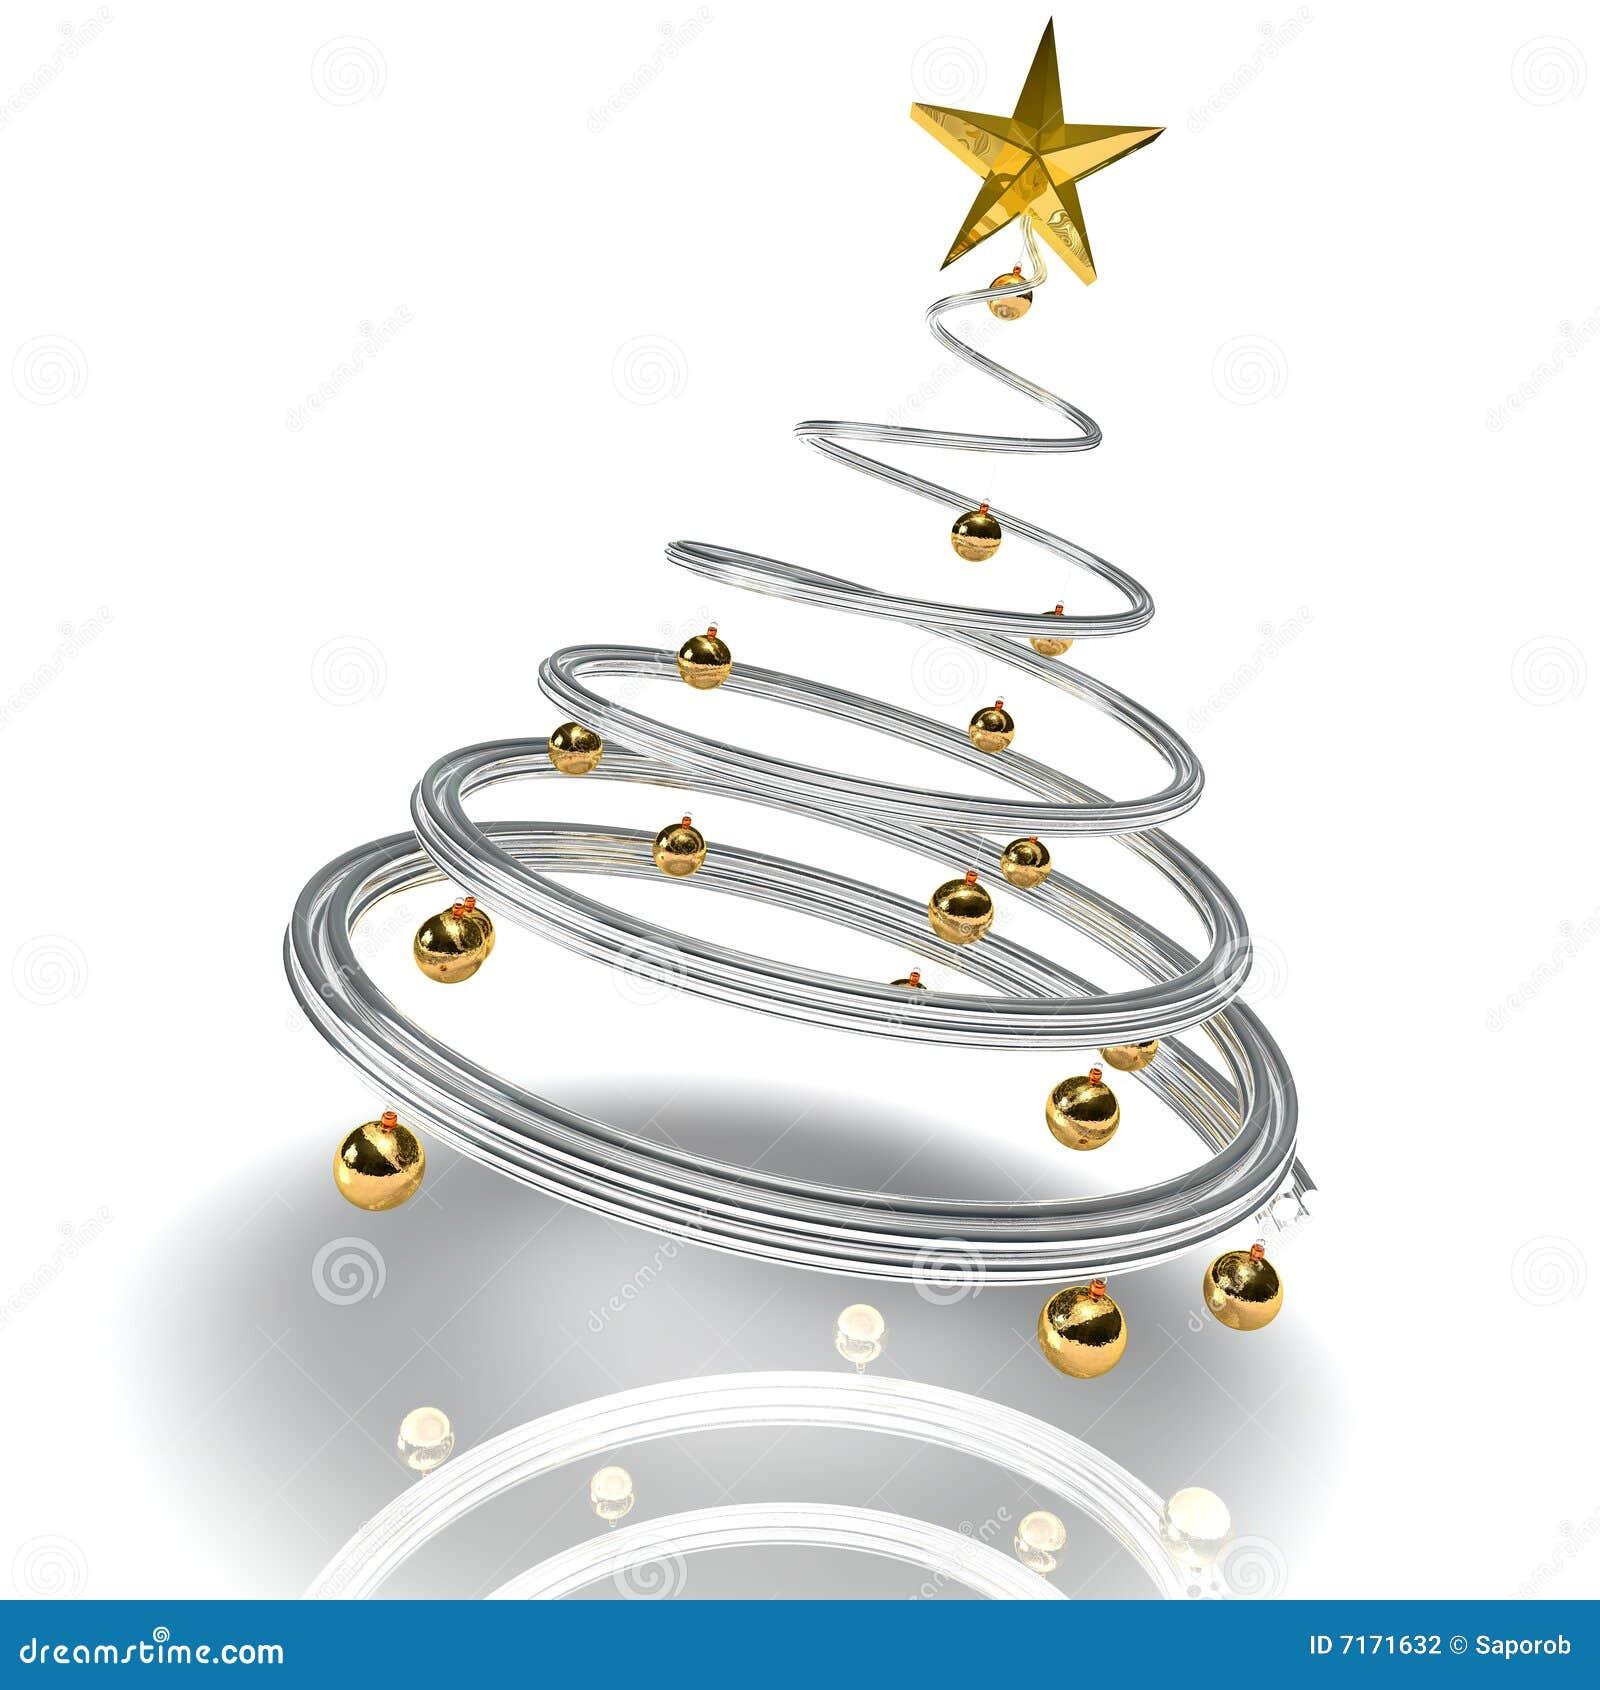 moderner weihnachtsbaum stock abbildung illustration von. Black Bedroom Furniture Sets. Home Design Ideas